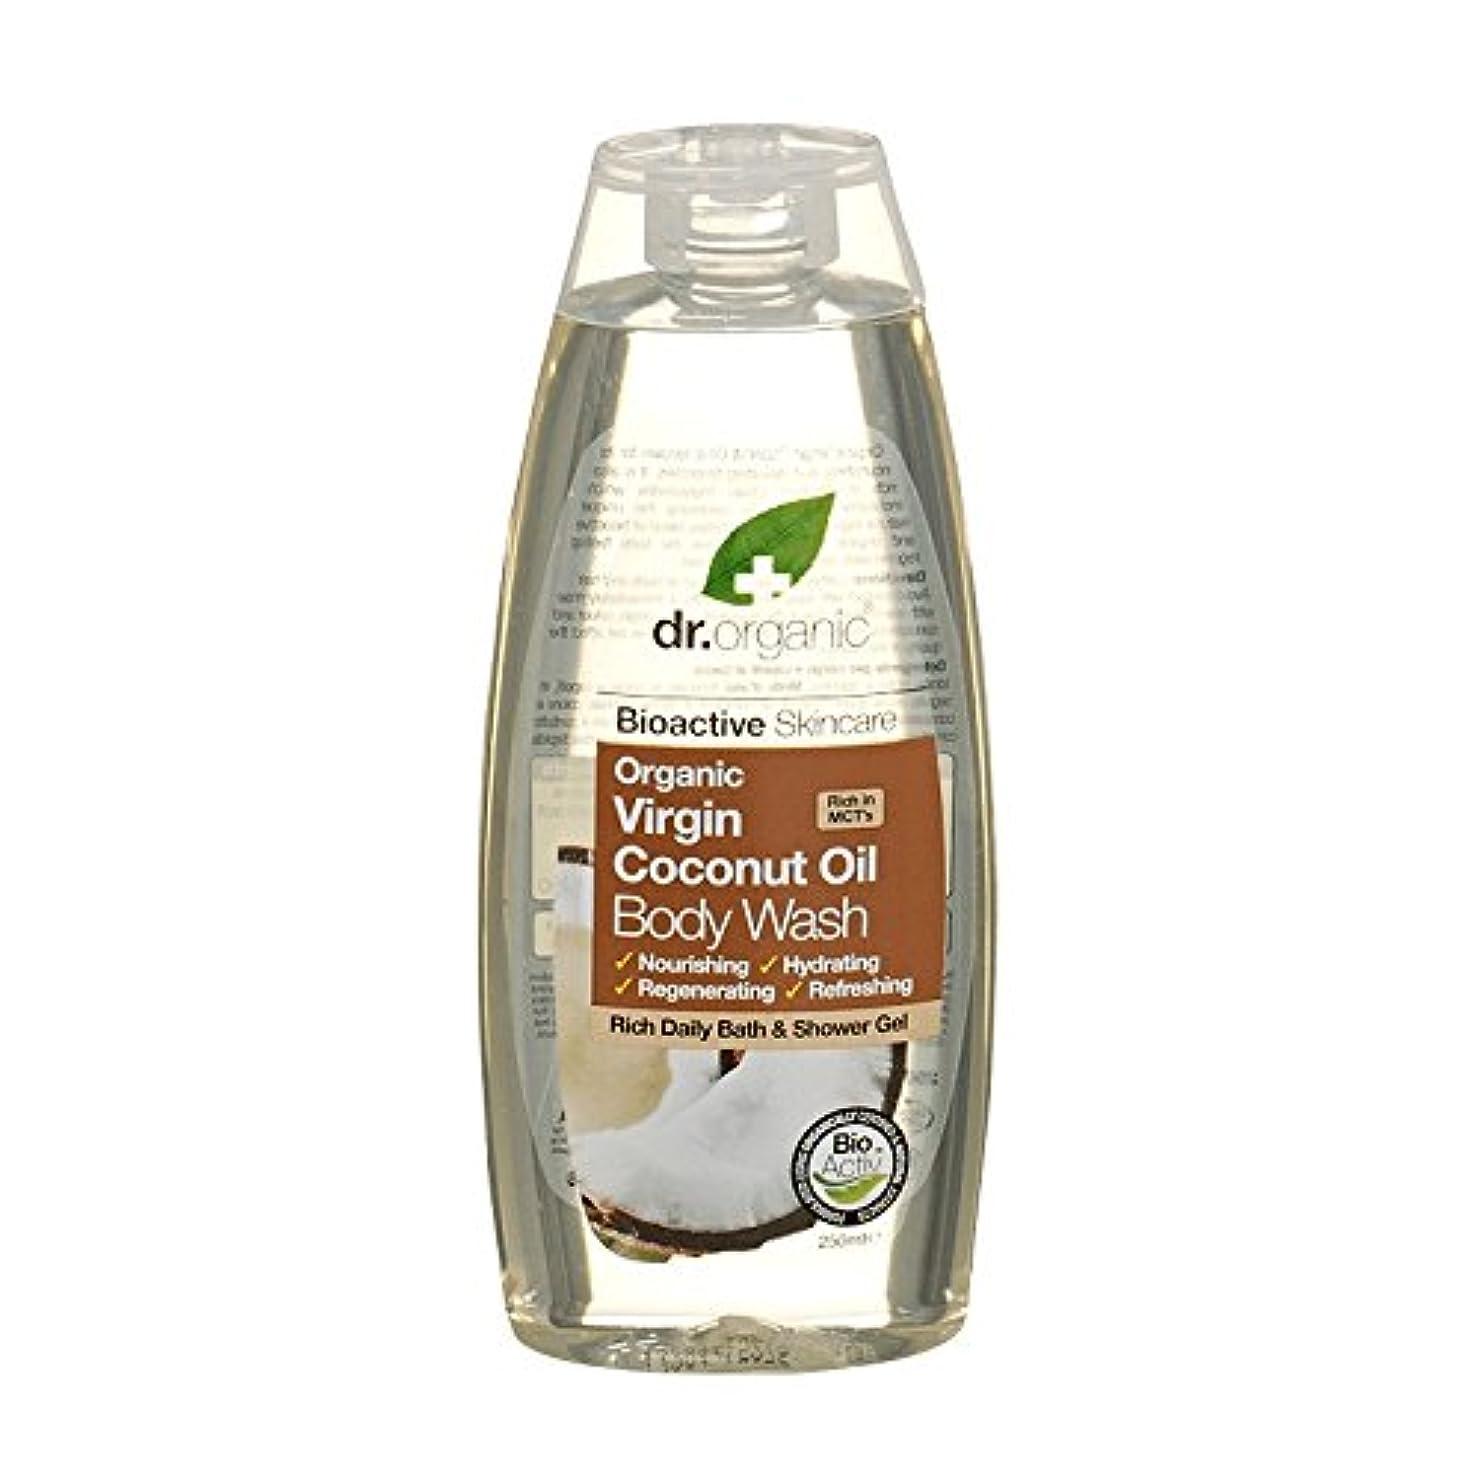 団結する満足させる面積Dr有機有機バージンココナッツオイルボディウォッシュ - Dr Organic Organic Virgin Coconut Oil Body Wash (Dr Organic) [並行輸入品]